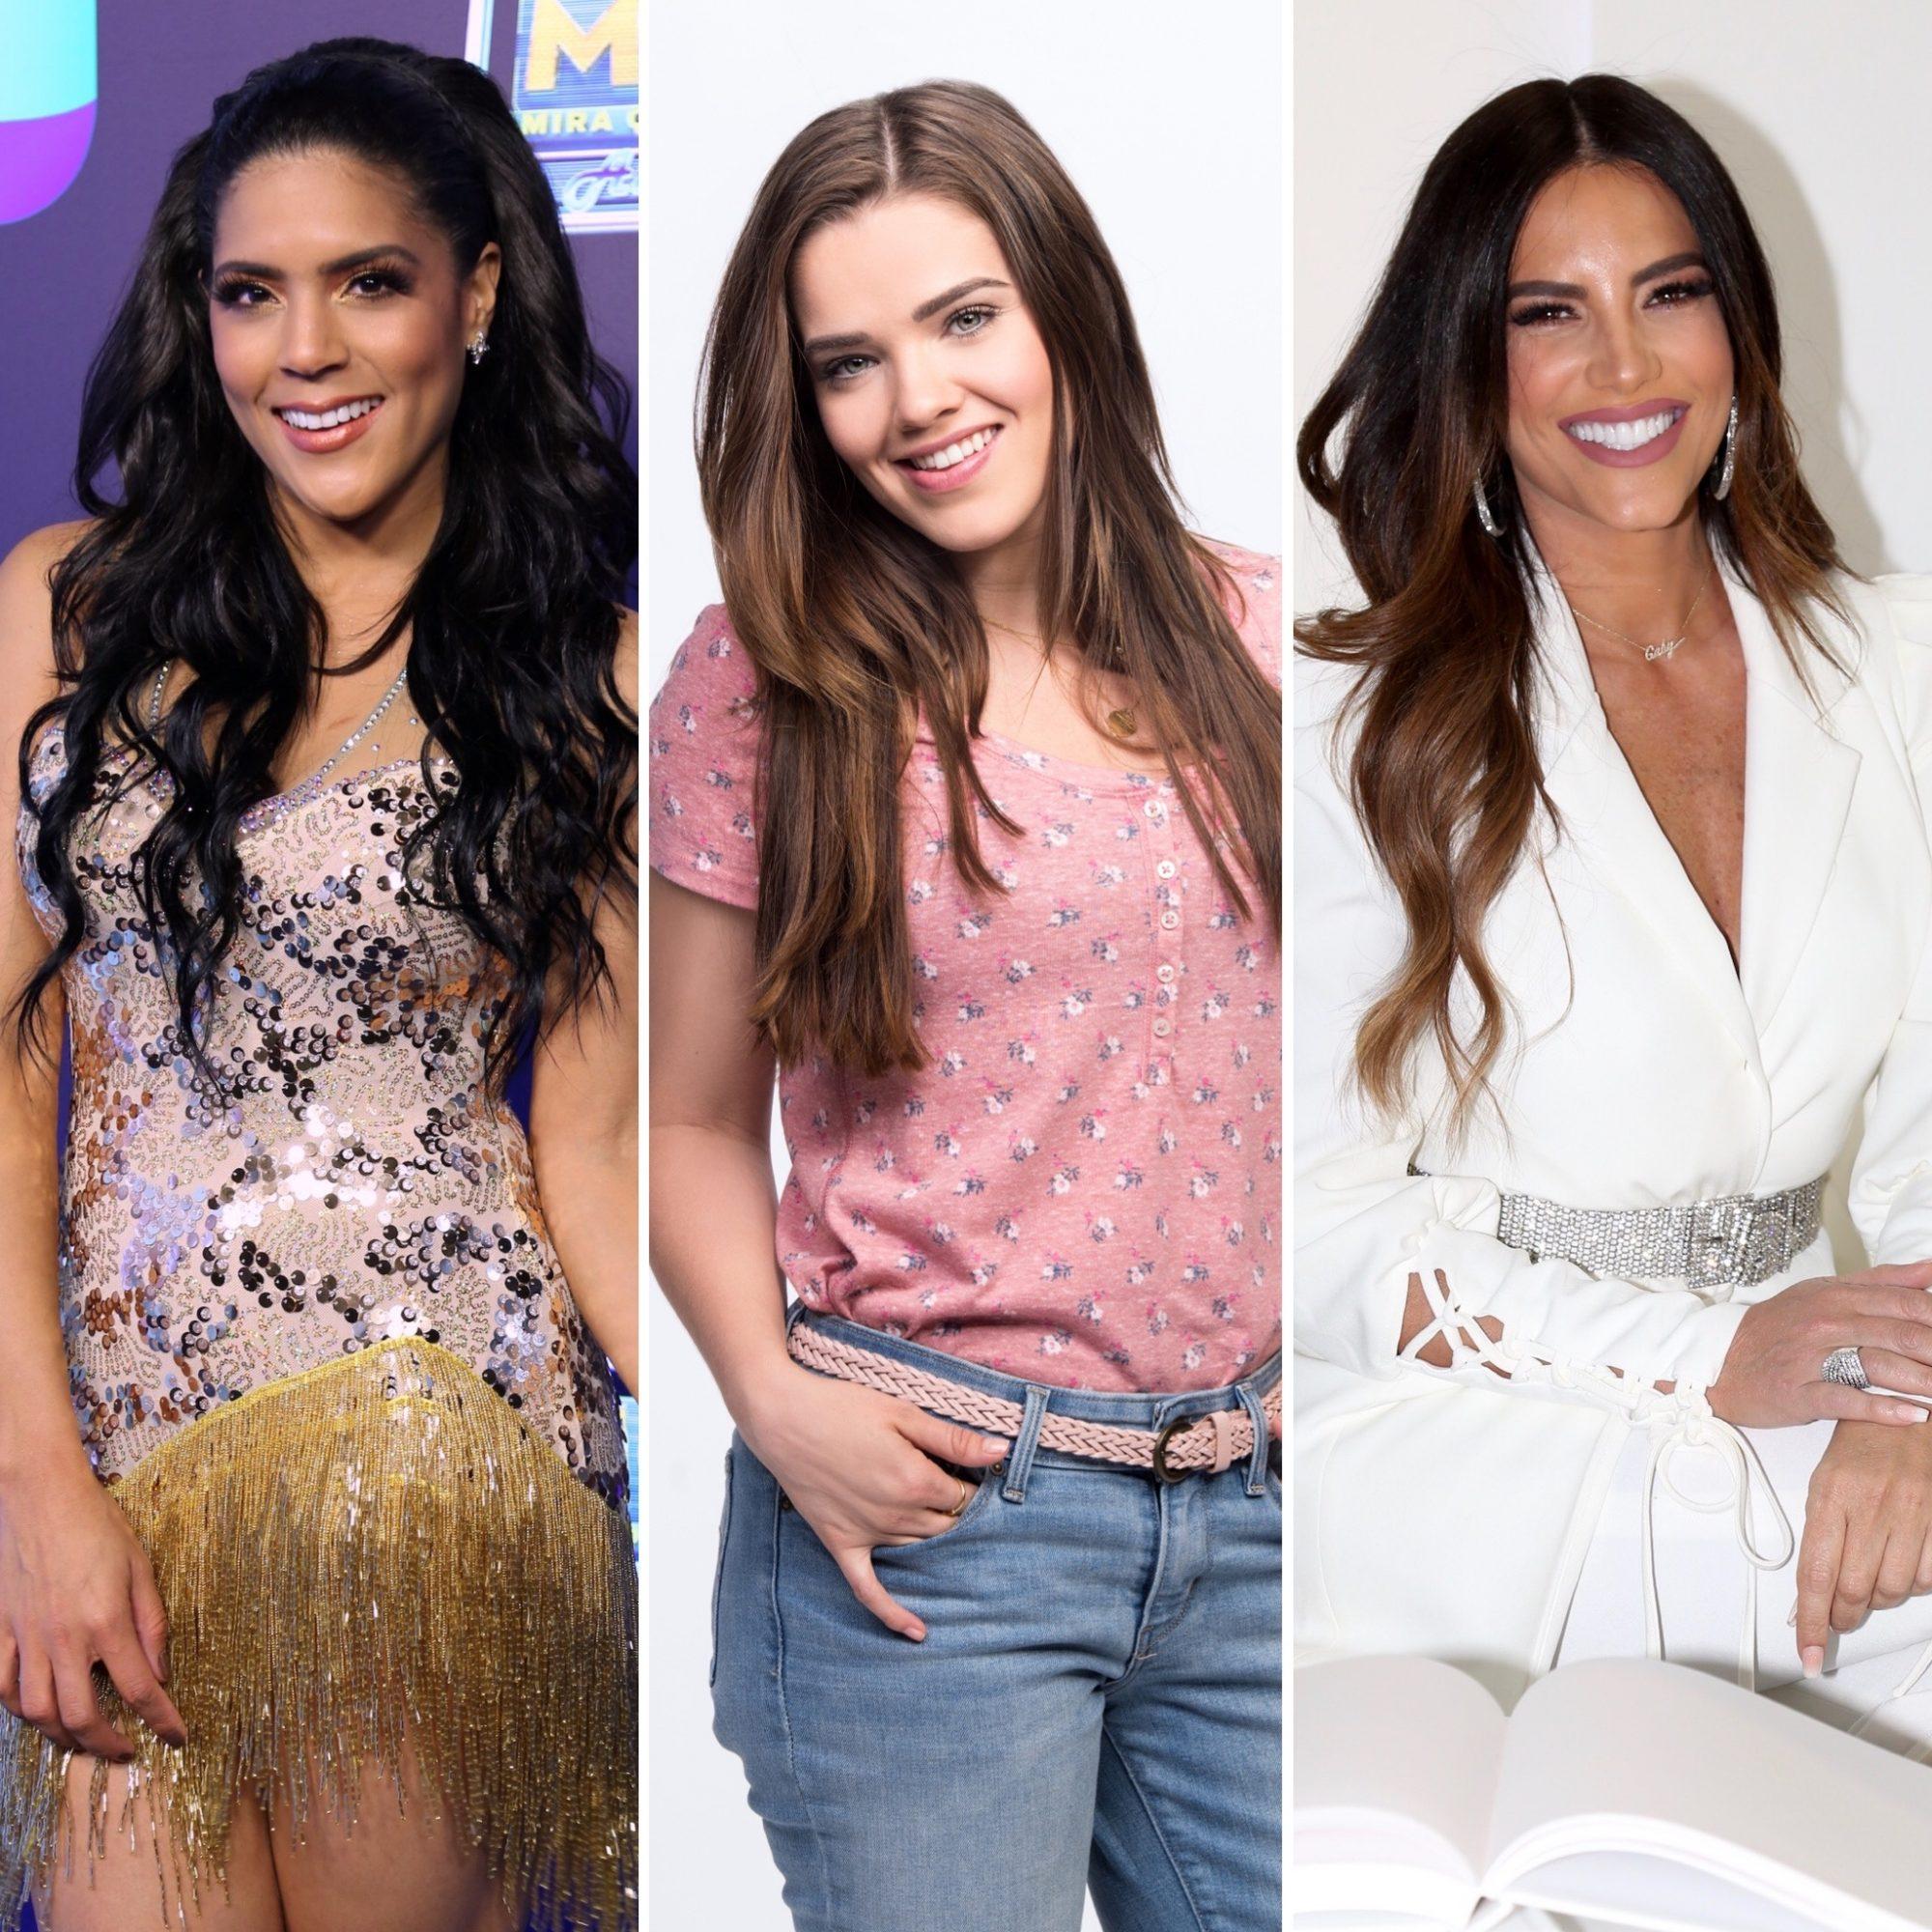 Francisca Lachapel, Thali Garcia, Gaby Espino